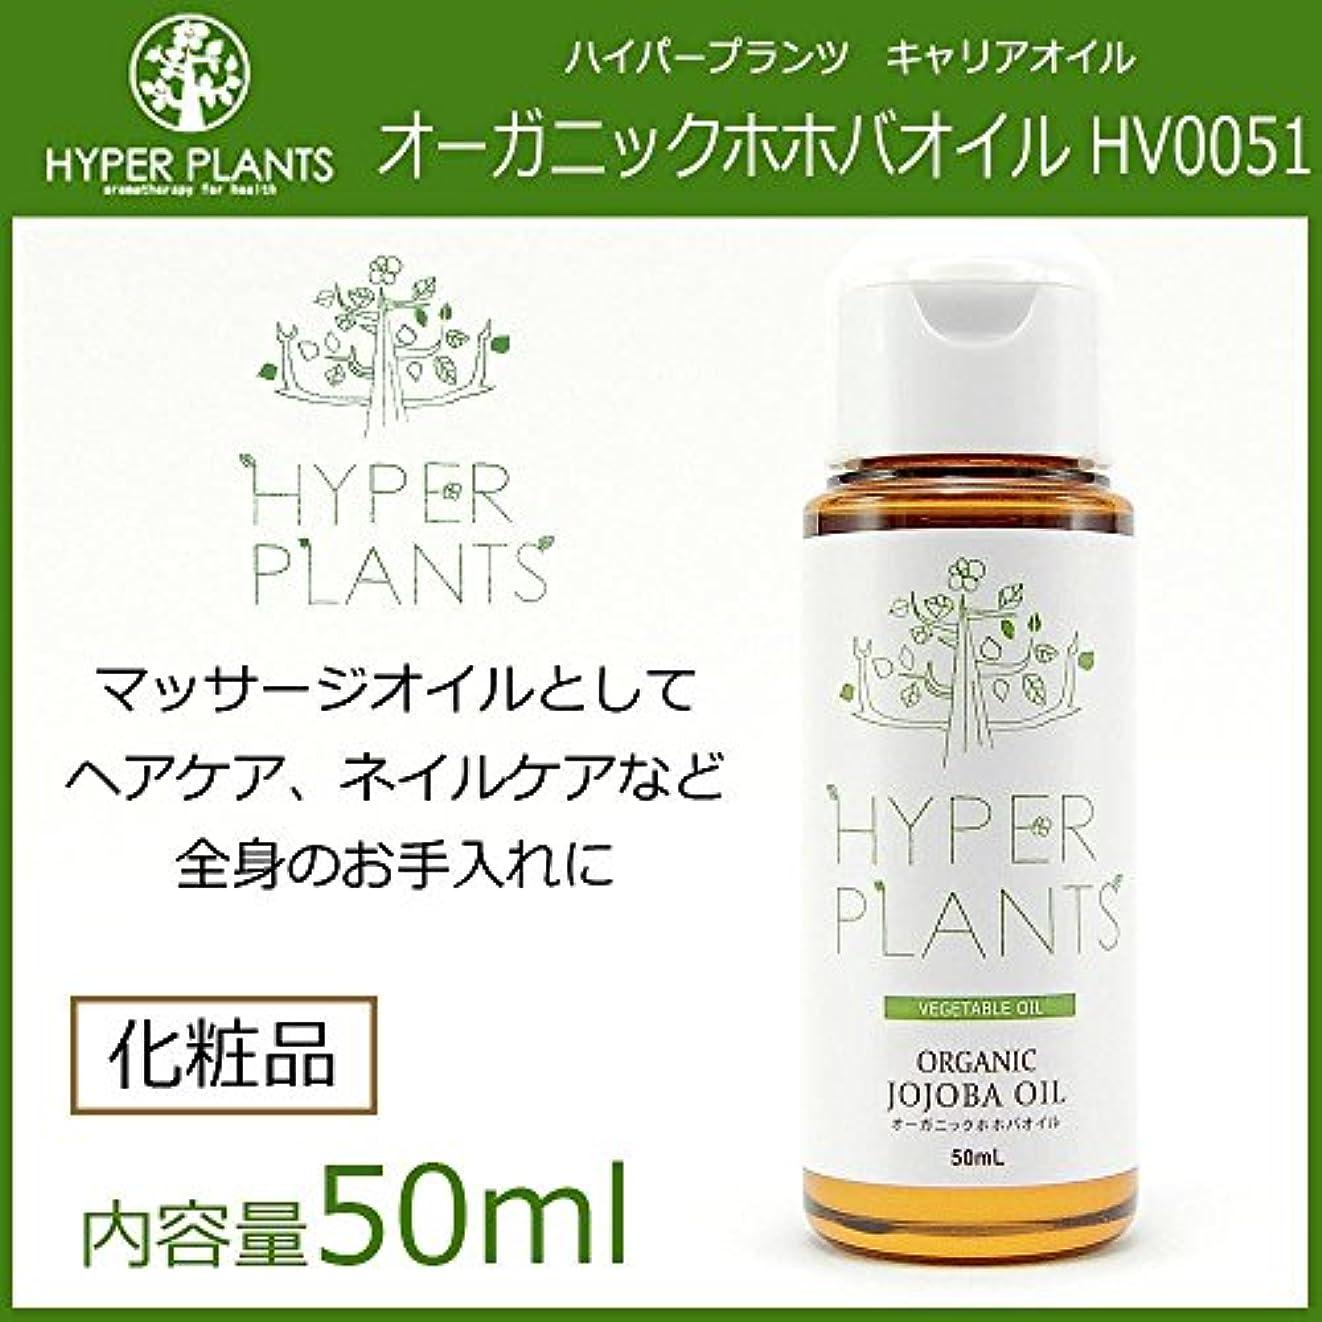 パッケージ製造緩やかなHYPER PLANTS ハイパープランツ キャリアオイル オーガニックホホバオイル 50ml HV0051